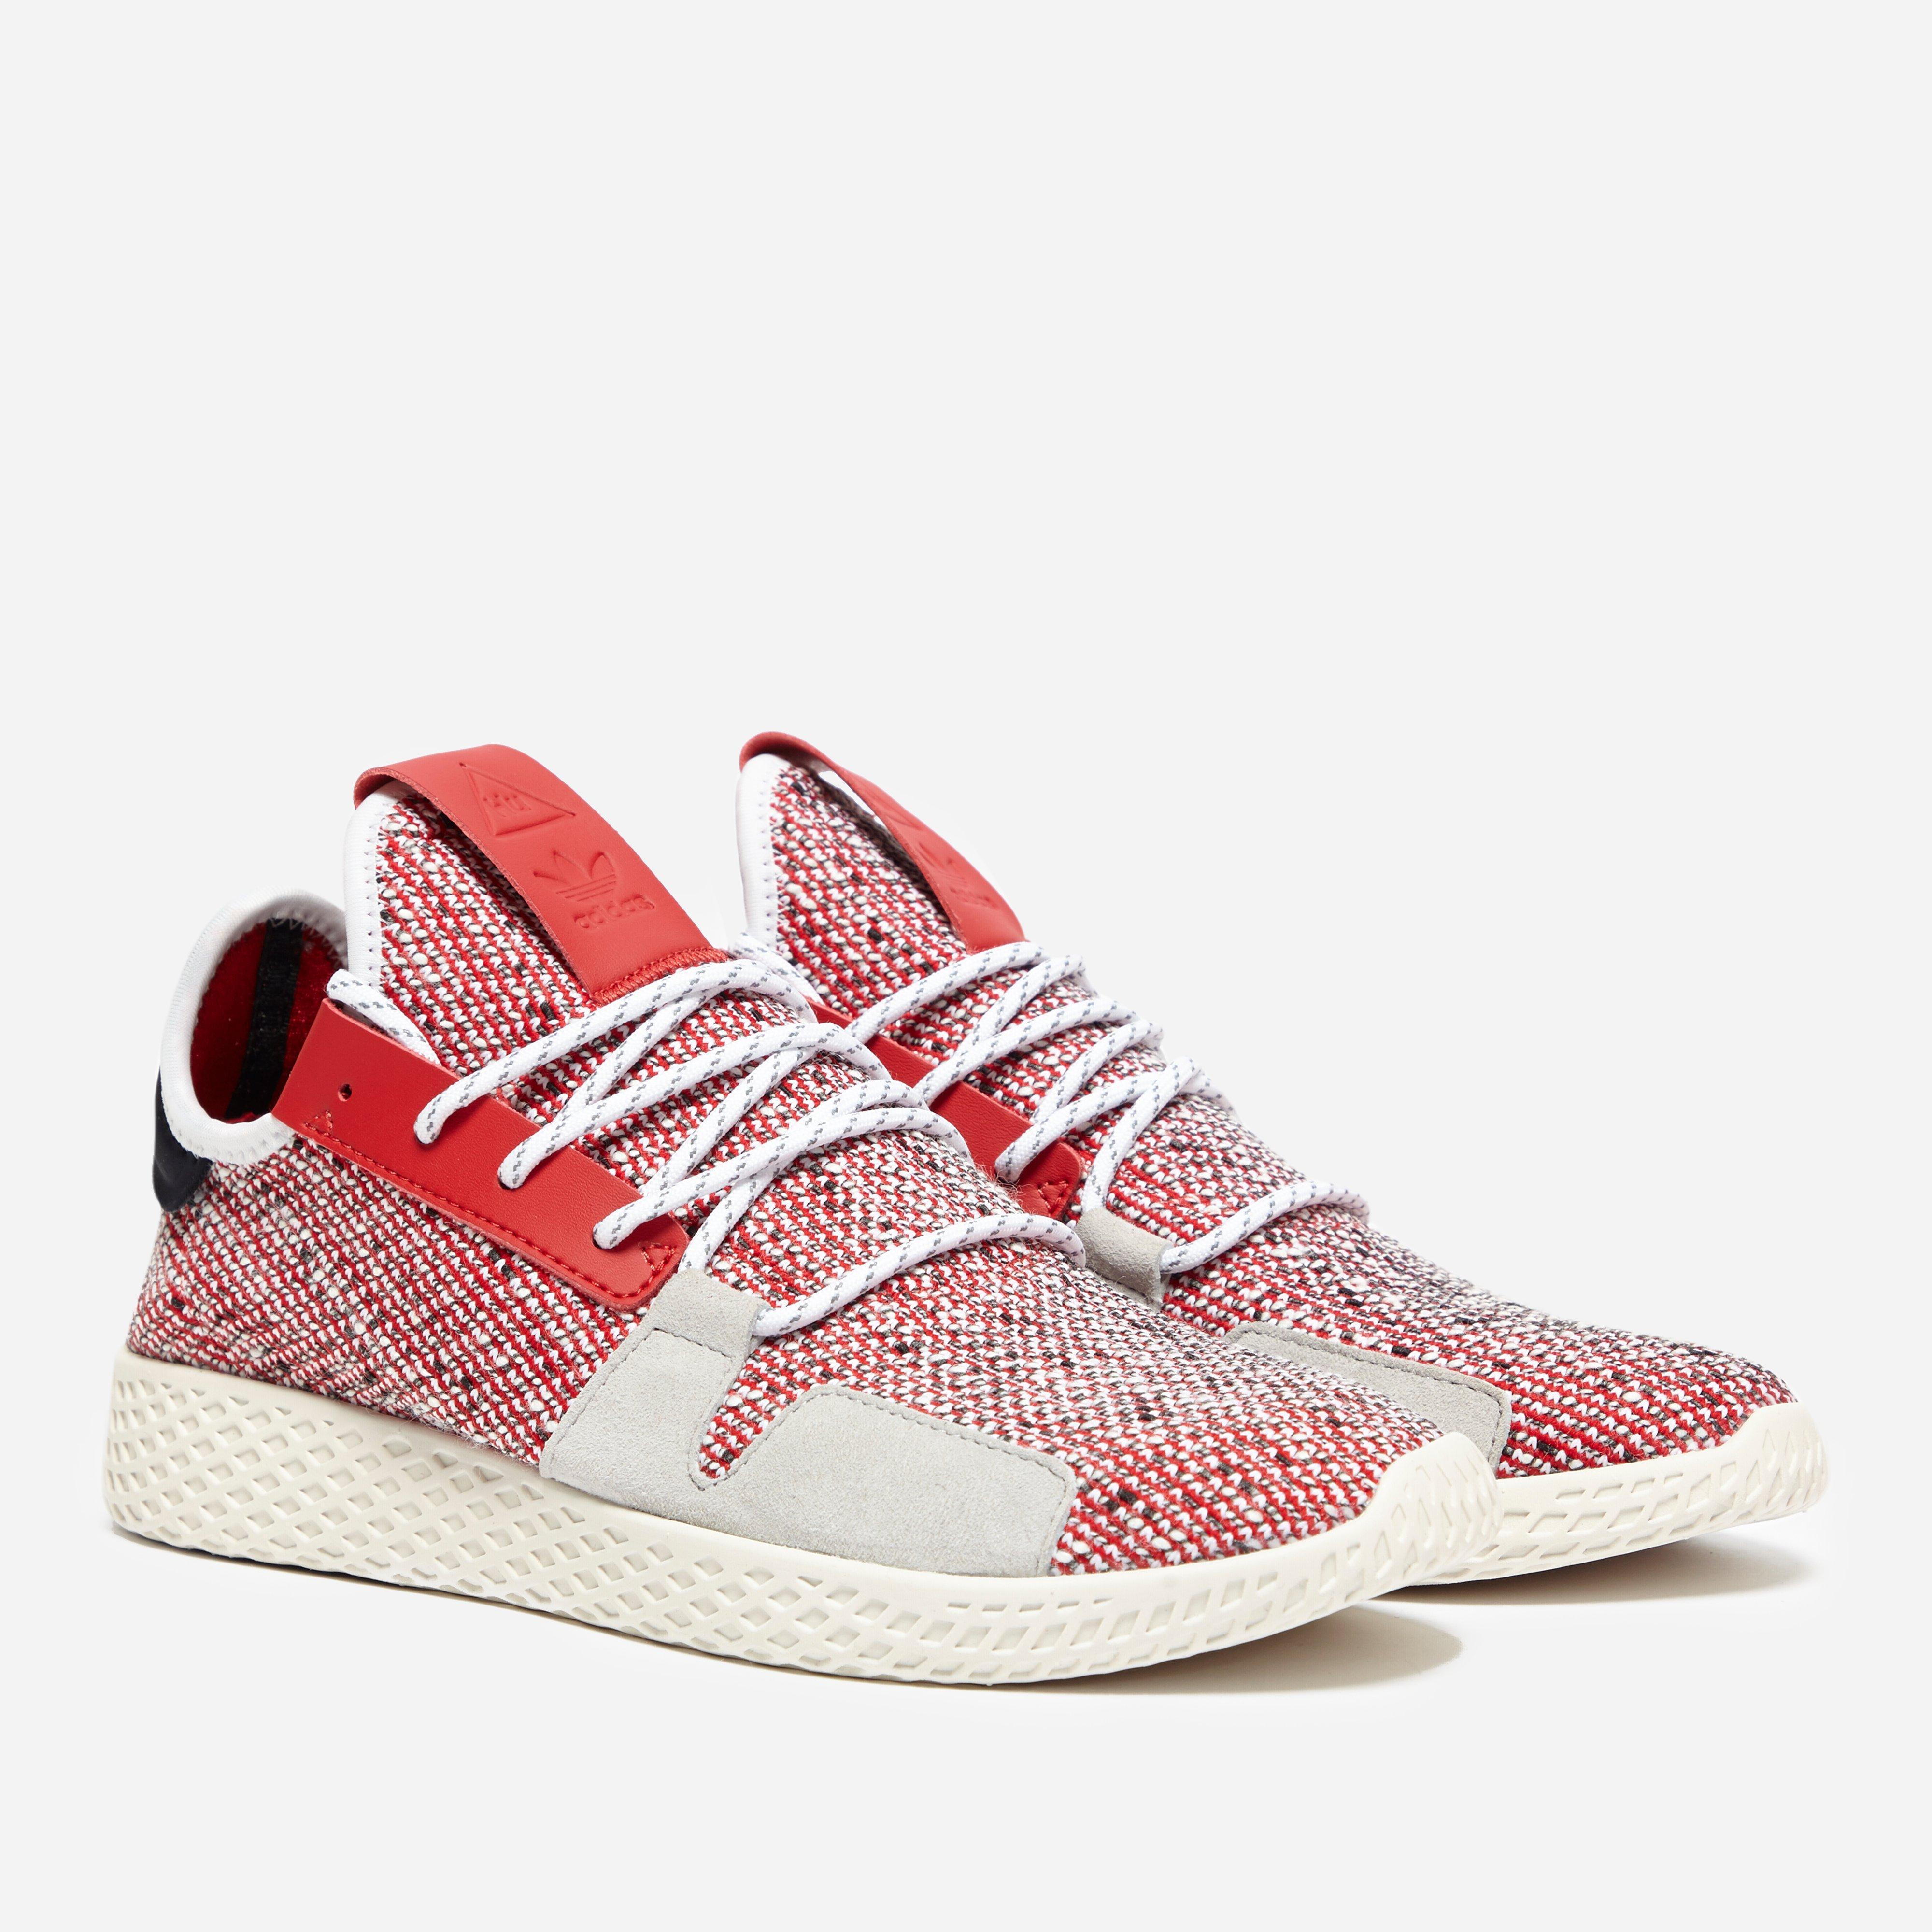 9d87df93156e3 adidas Originals. Men s Red X Pharrell Williams Solar Hu Tennis V2  afro ...